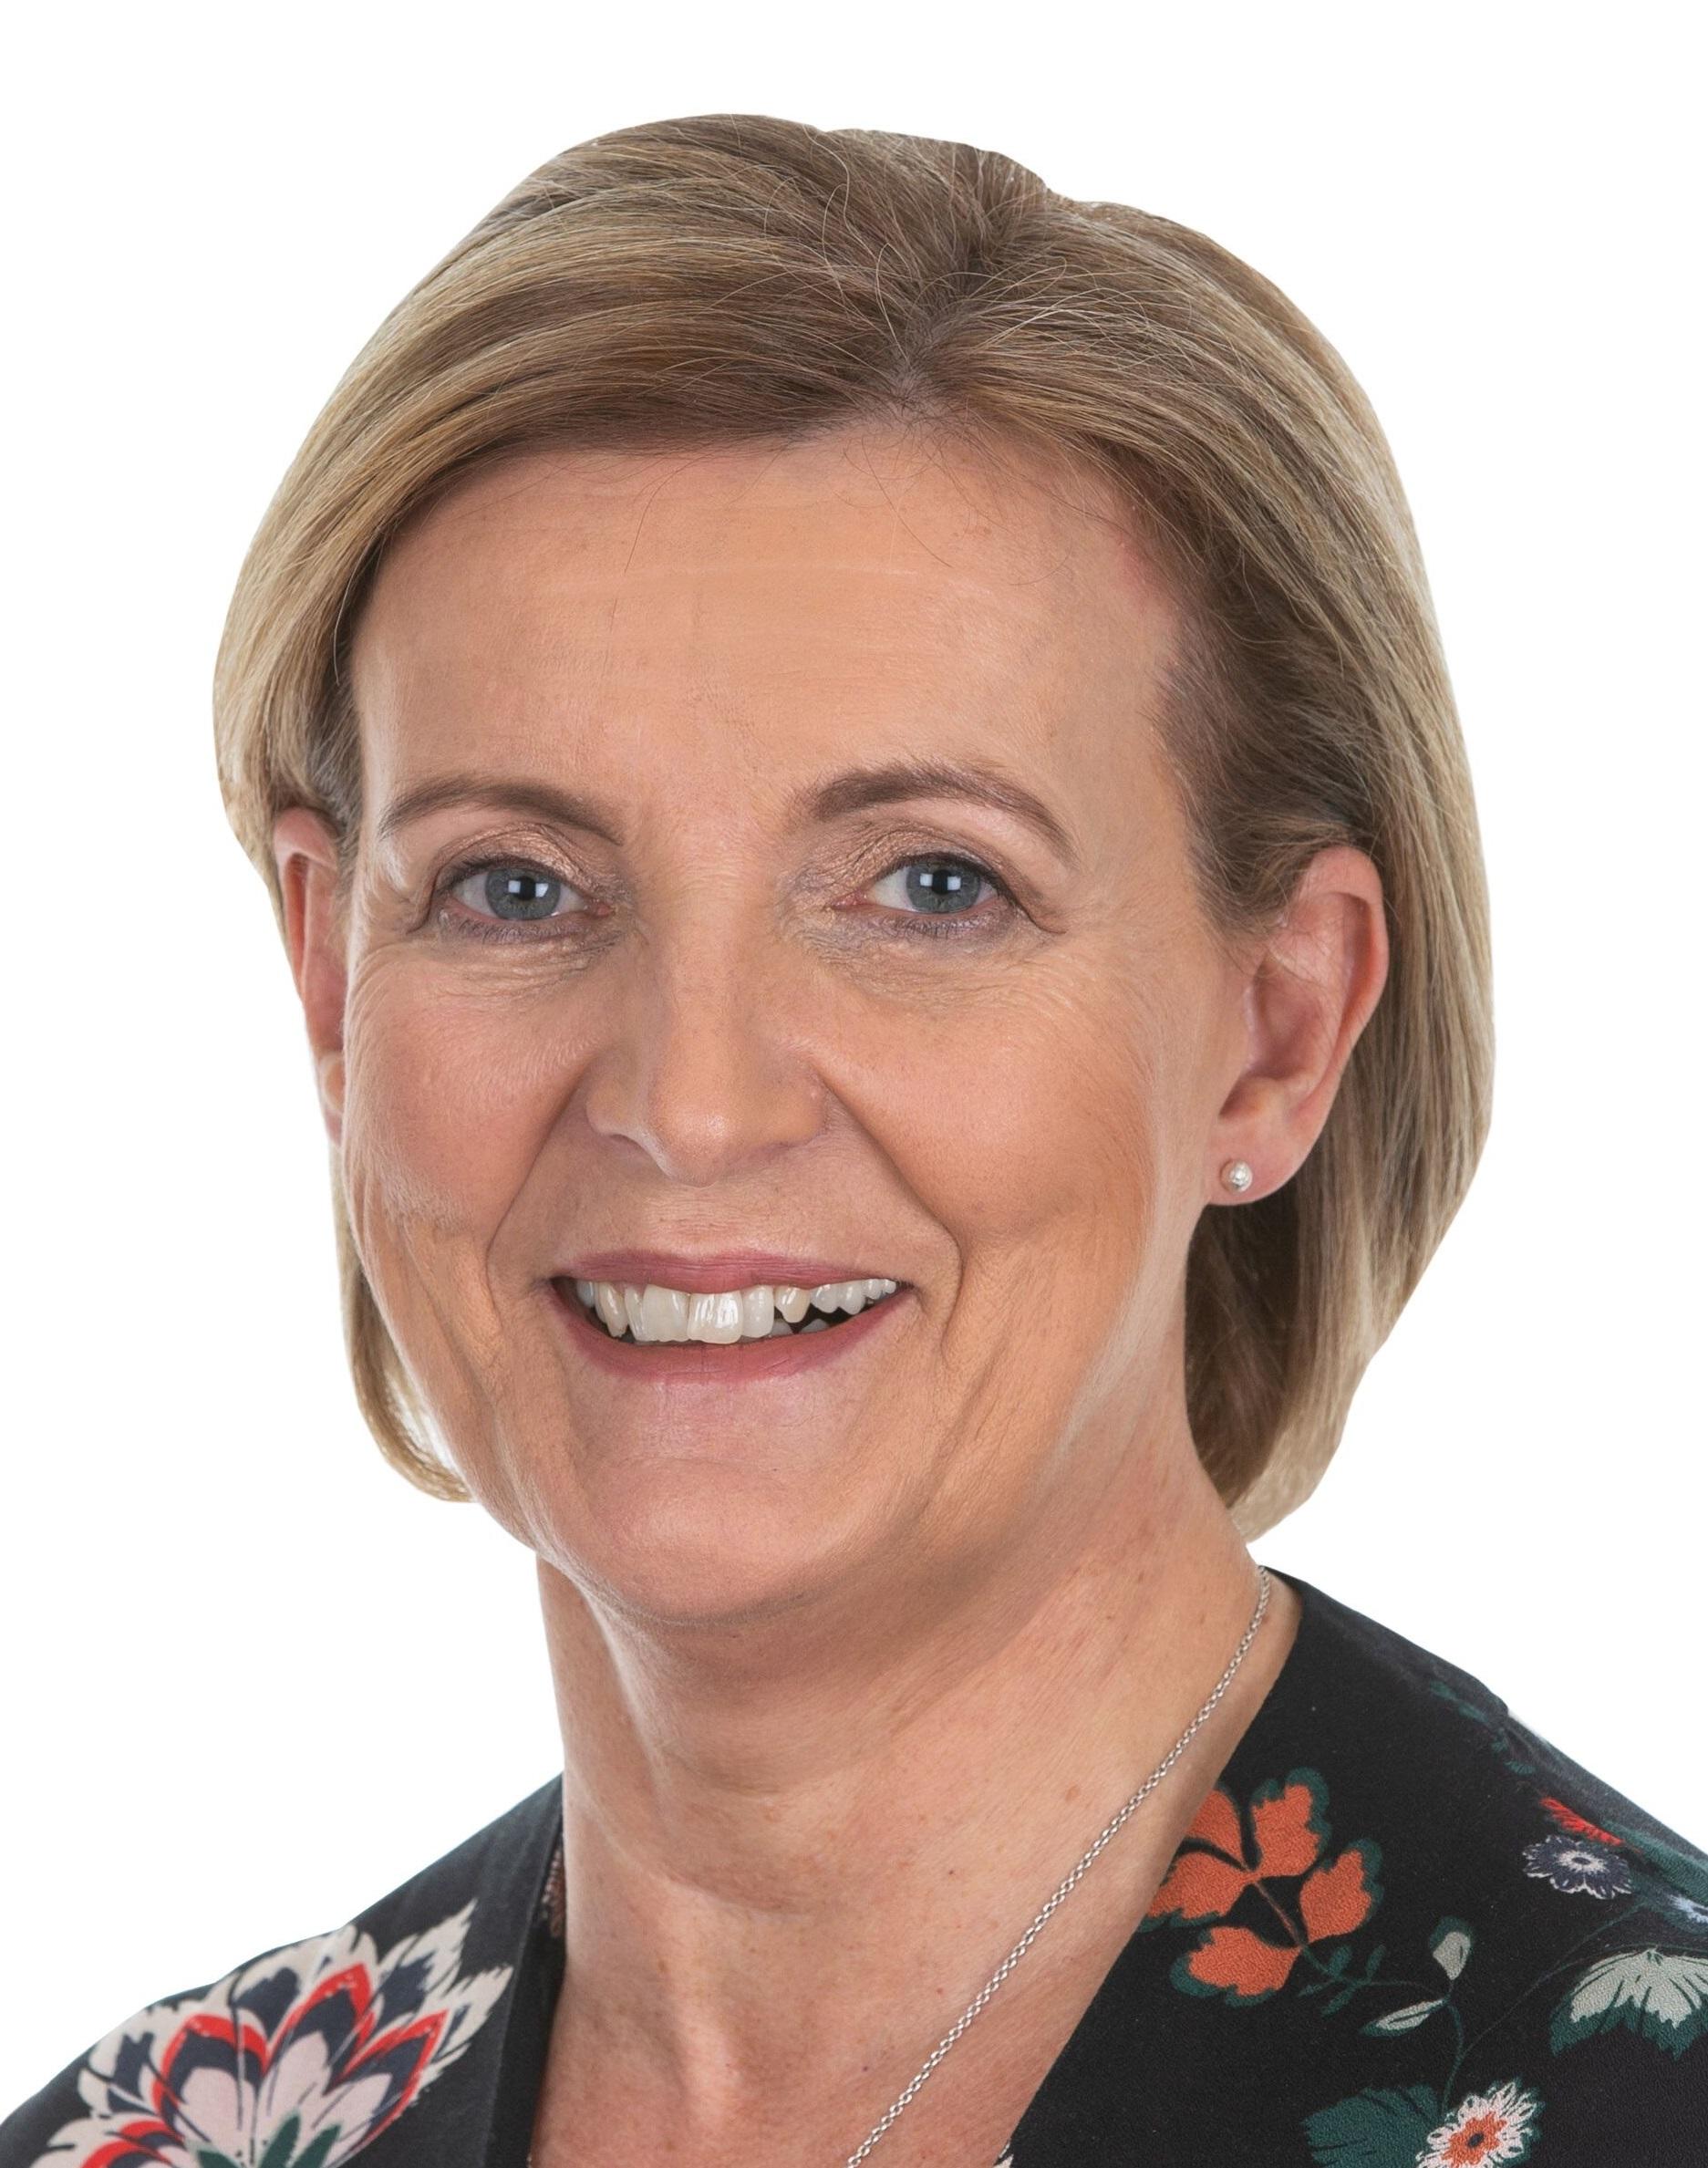 Cllr Peggy O'Dwyer